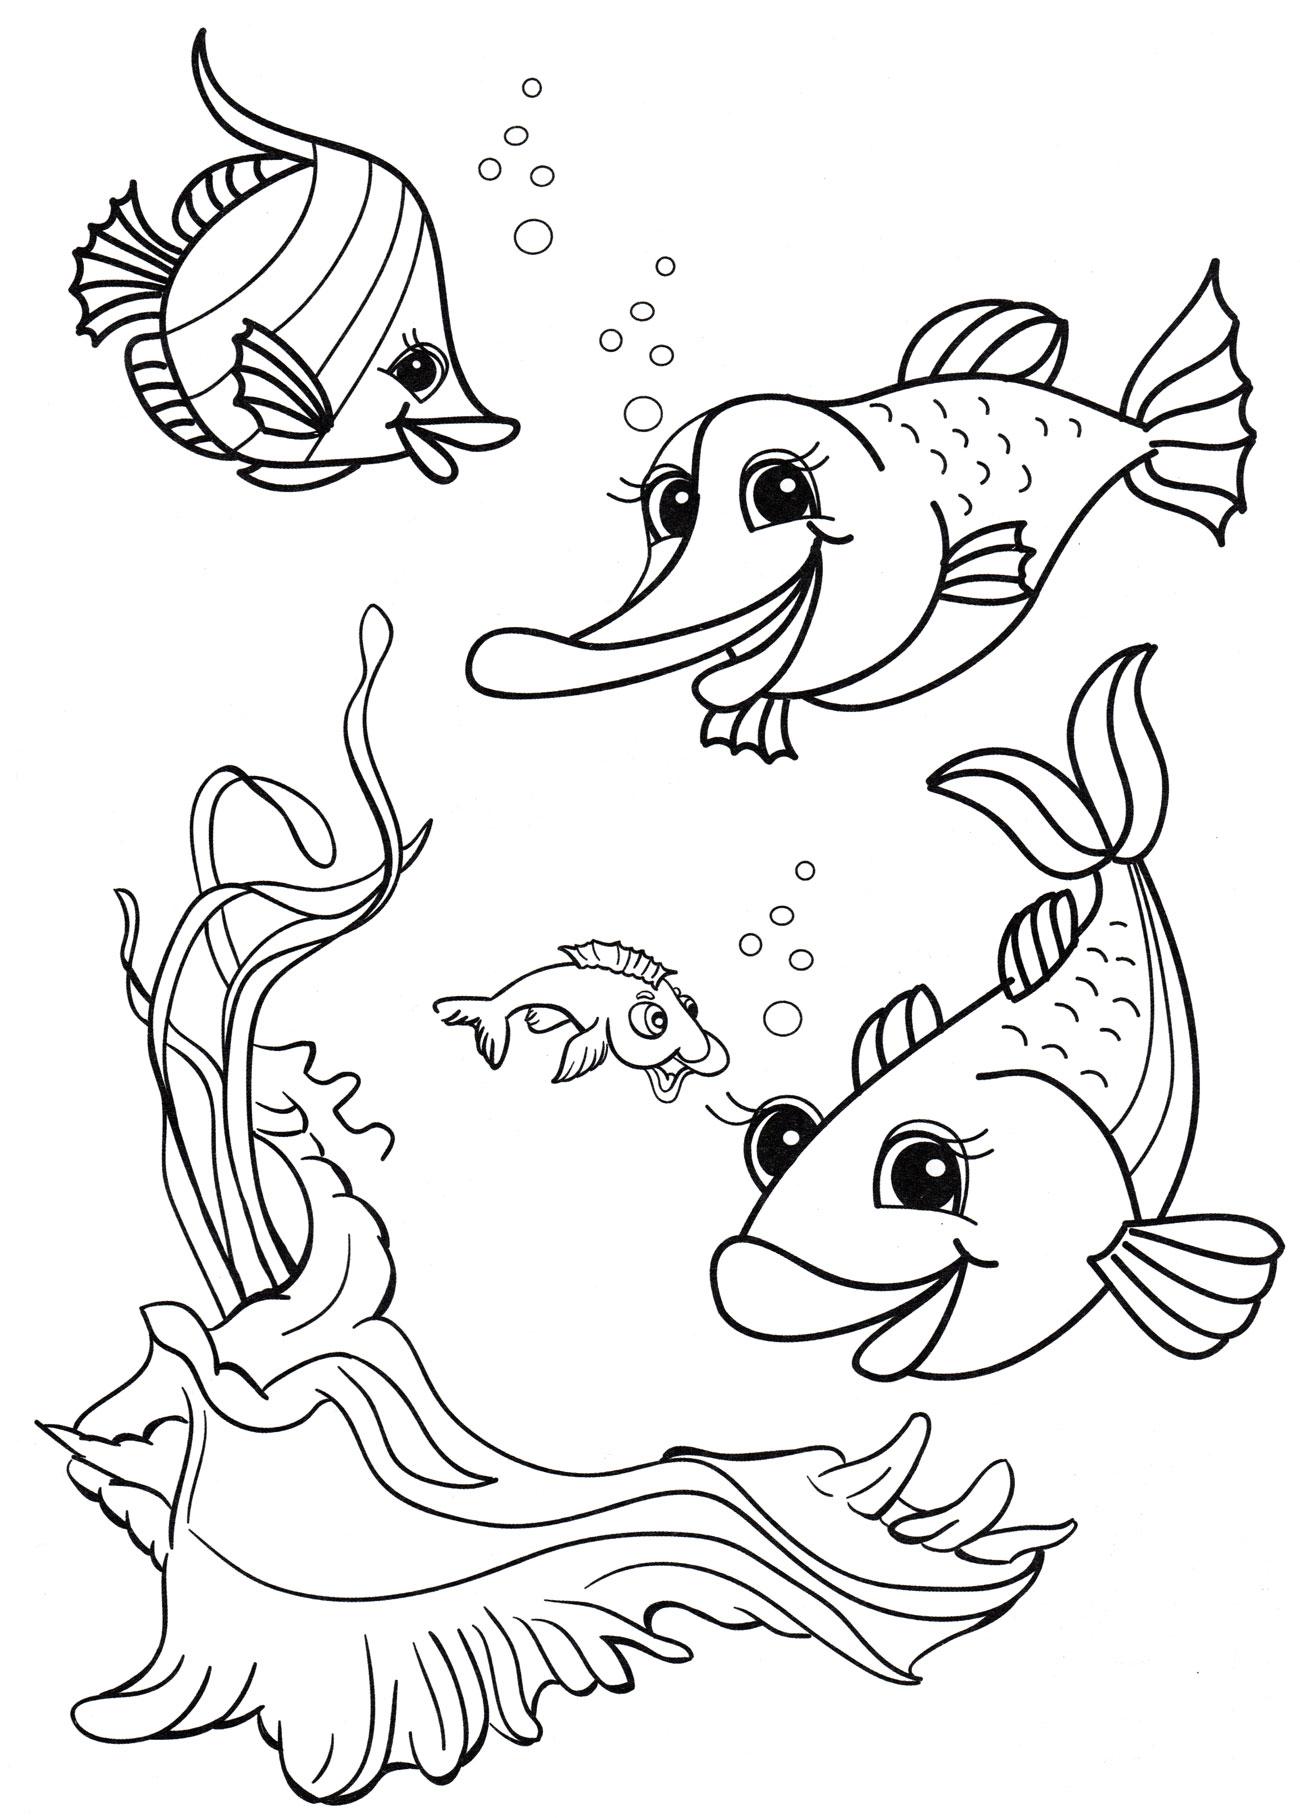 Раскраска Веселые рыбки - распечатать бесплатно